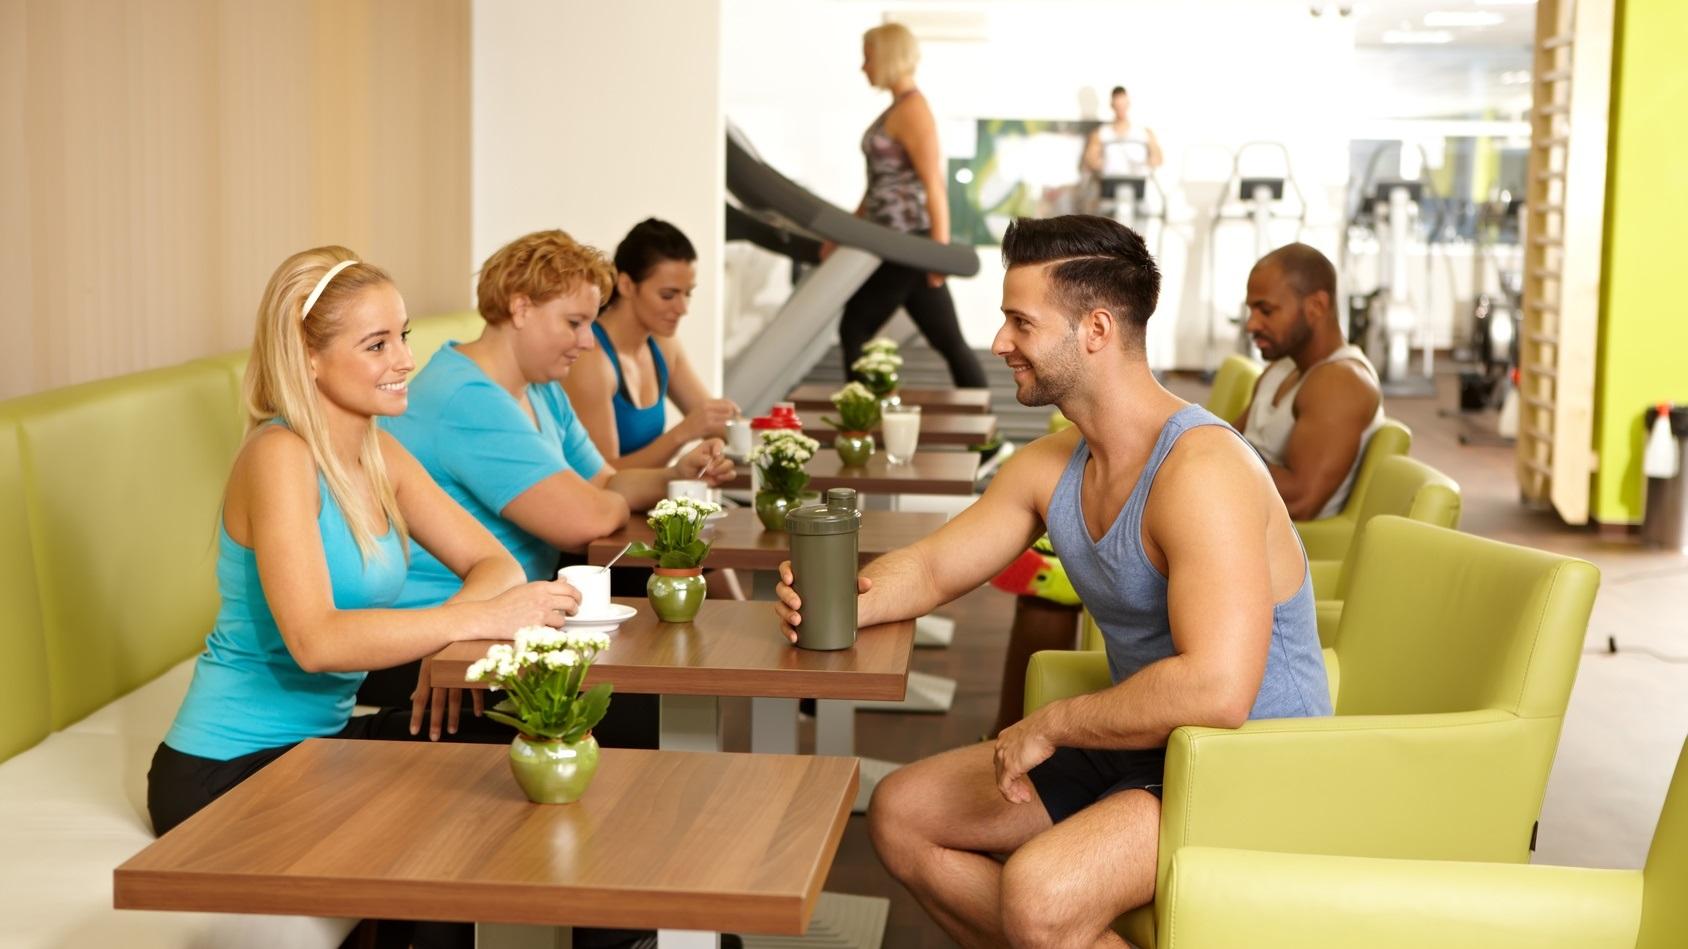 Kawa a ćwiczenia siłowe